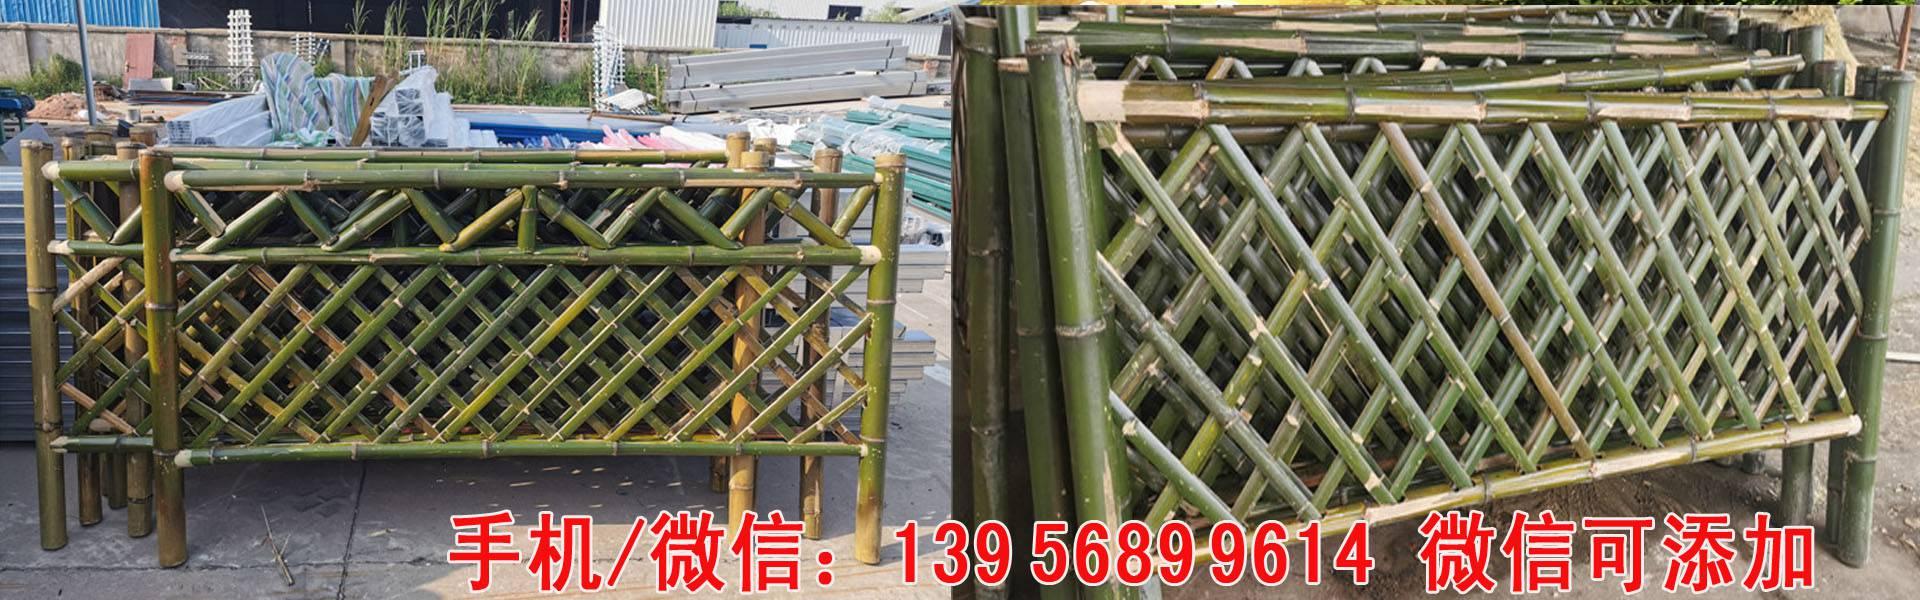 草坪护栏 塑钢护栏